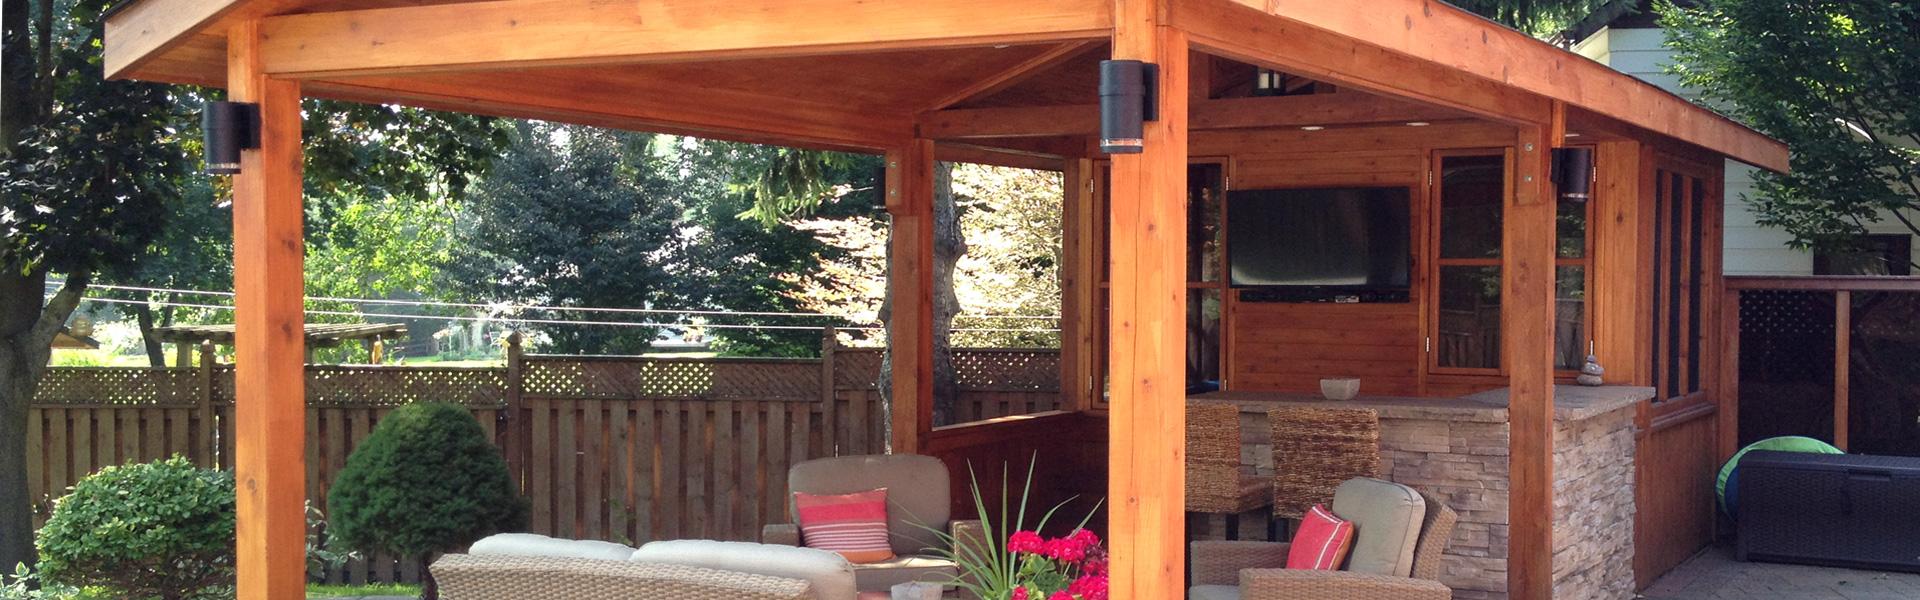 Marvelous Cost Efficient Home Designs 7 House Plans